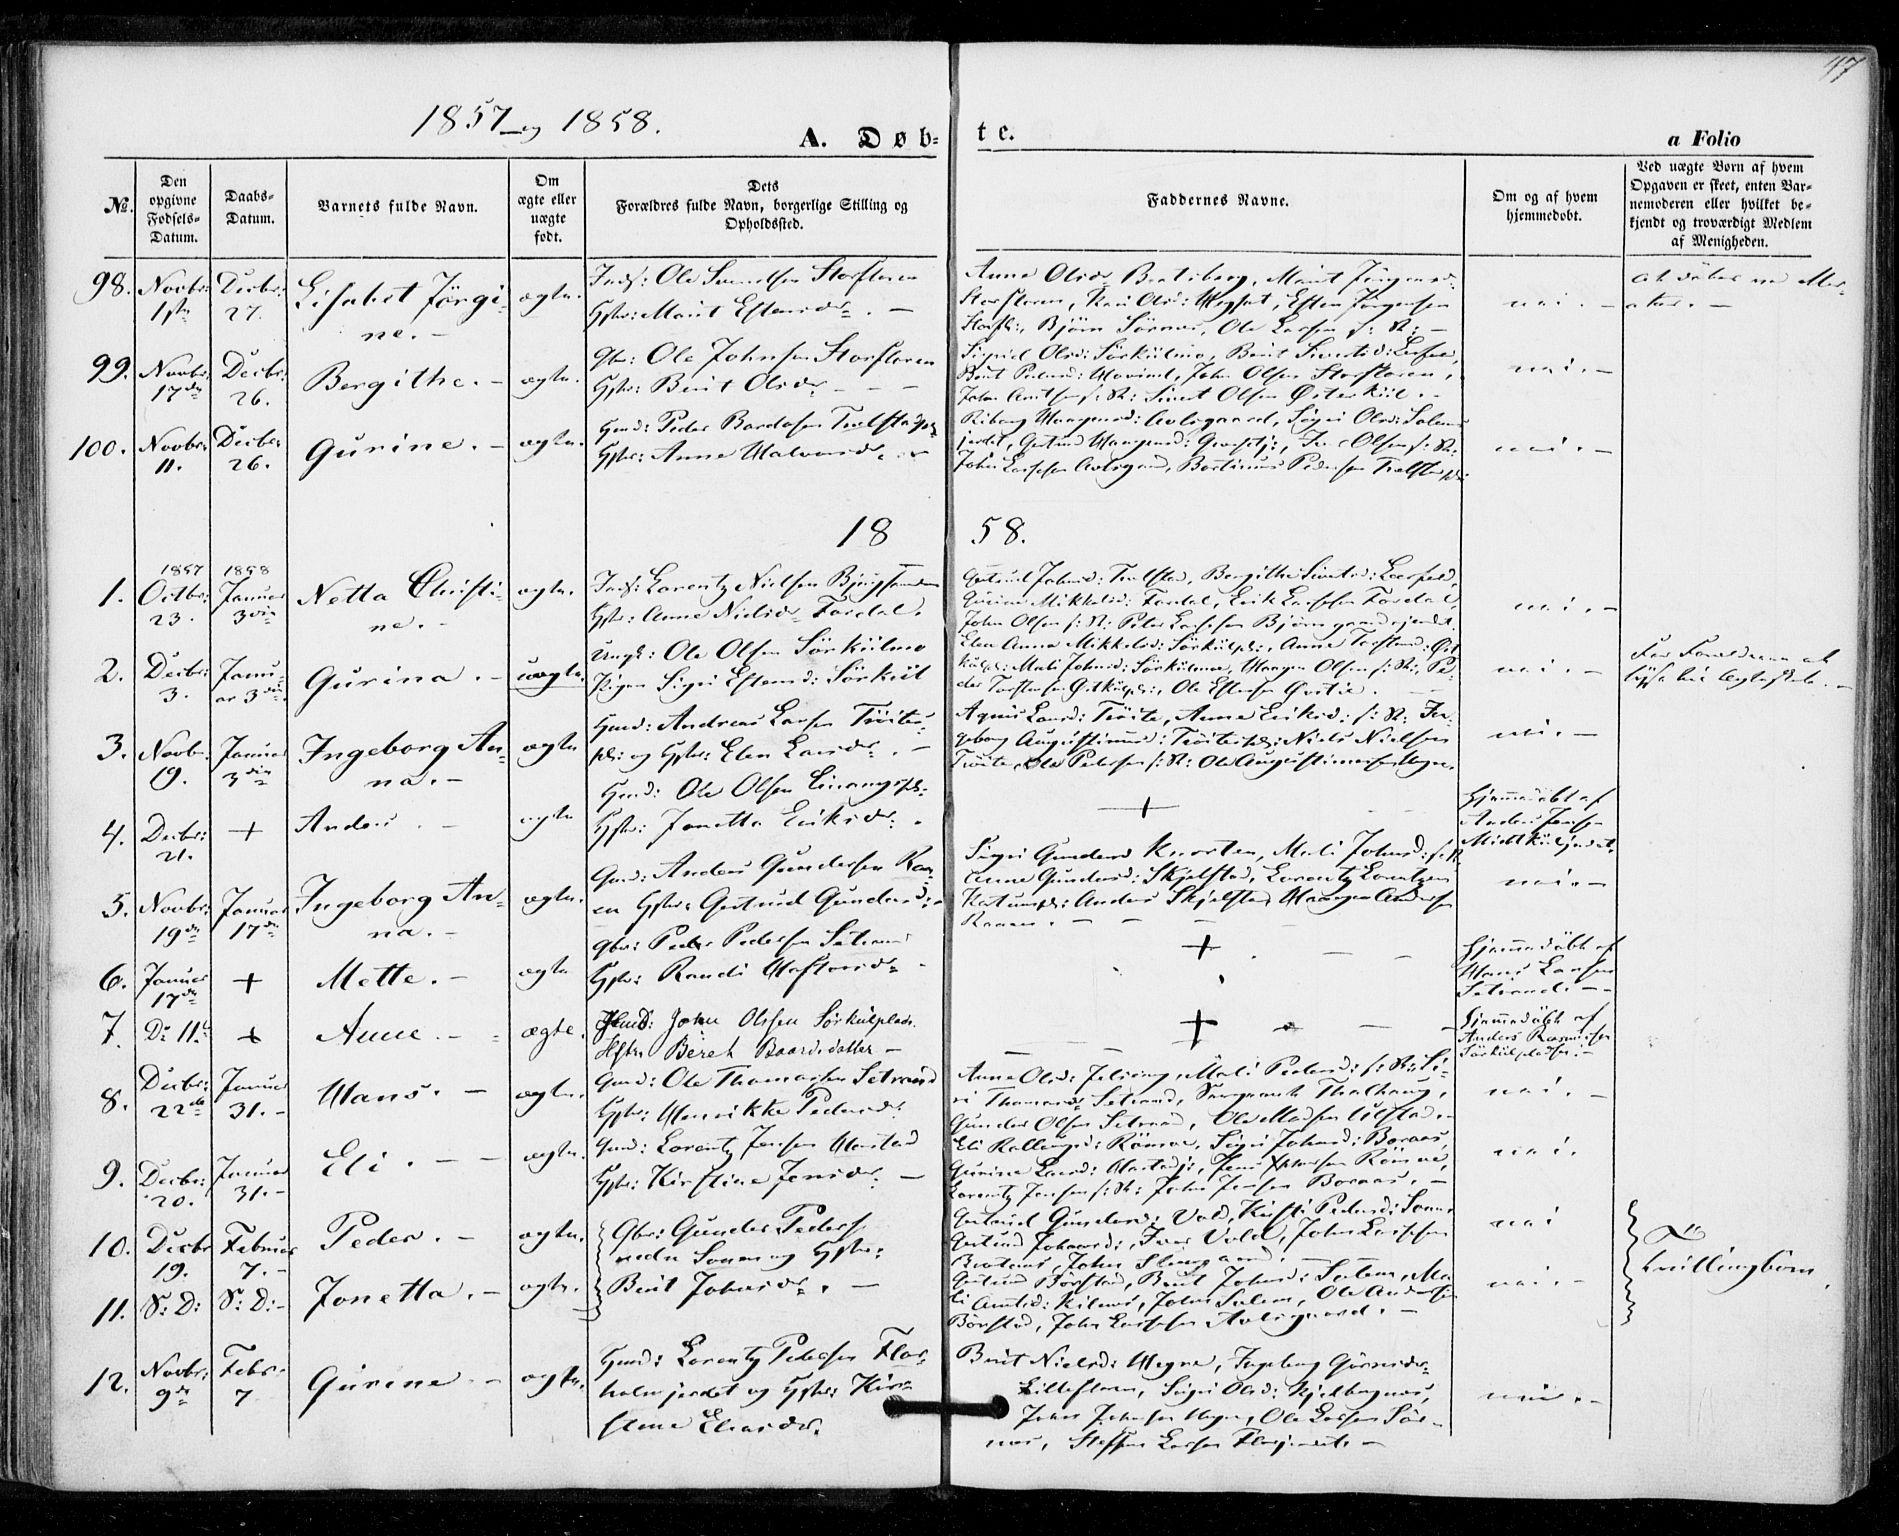 SAT, Ministerialprotokoller, klokkerbøker og fødselsregistre - Nord-Trøndelag, 703/L0028: Ministerialbok nr. 703A01, 1850-1862, s. 47